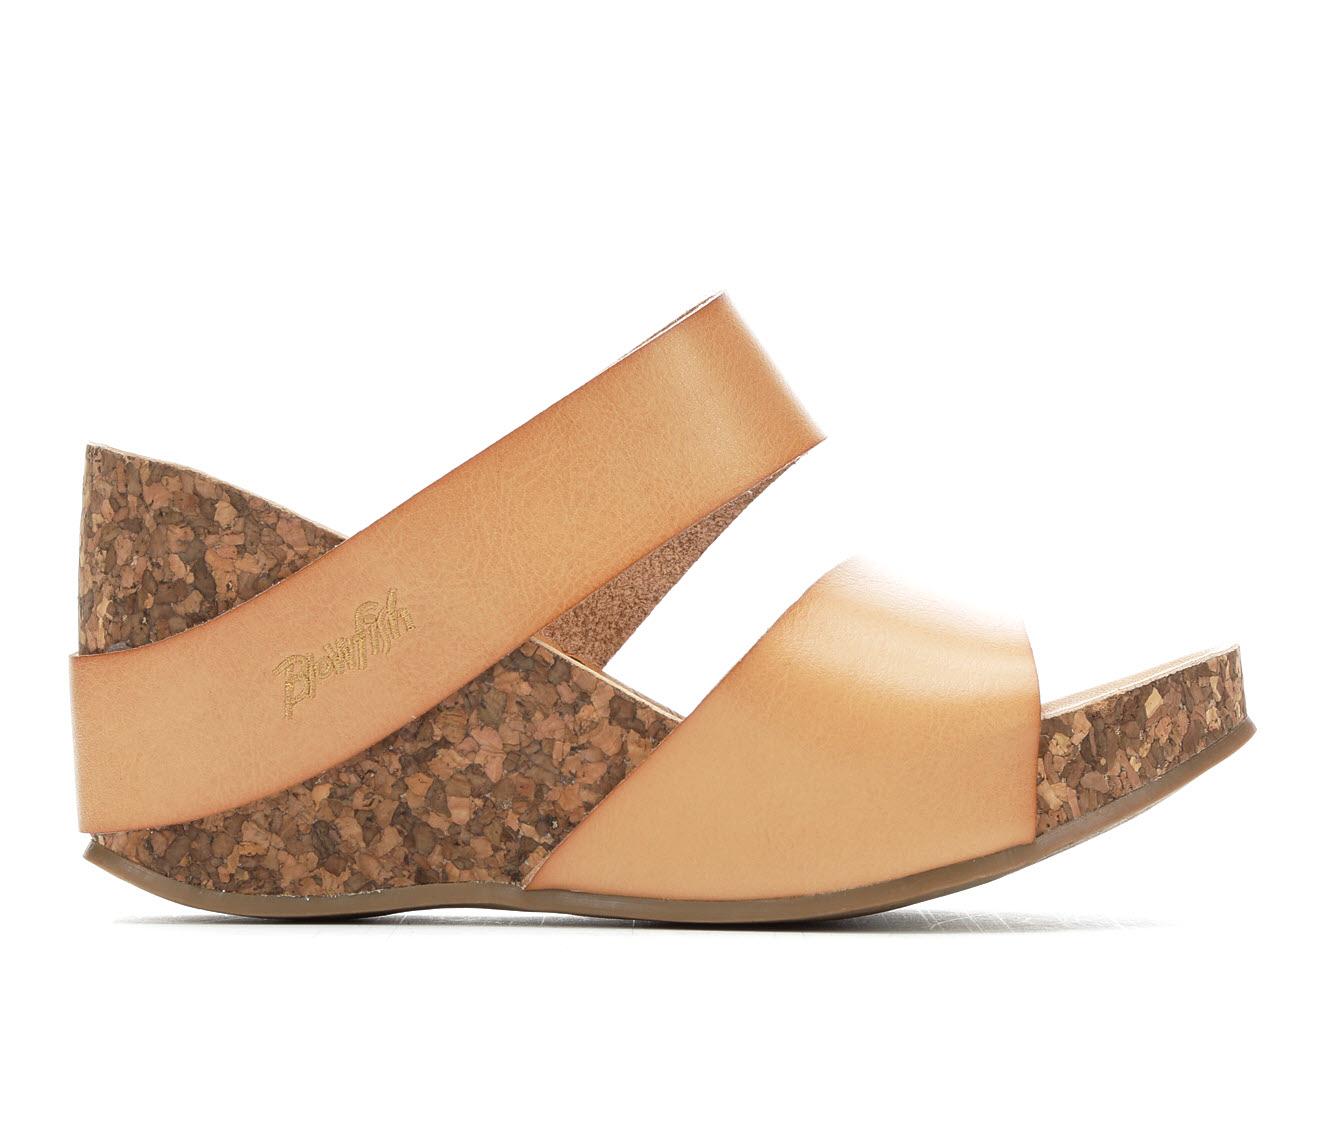 Blowfish Malibu Henn Women's Dress Shoe (Beige Faux Leather)